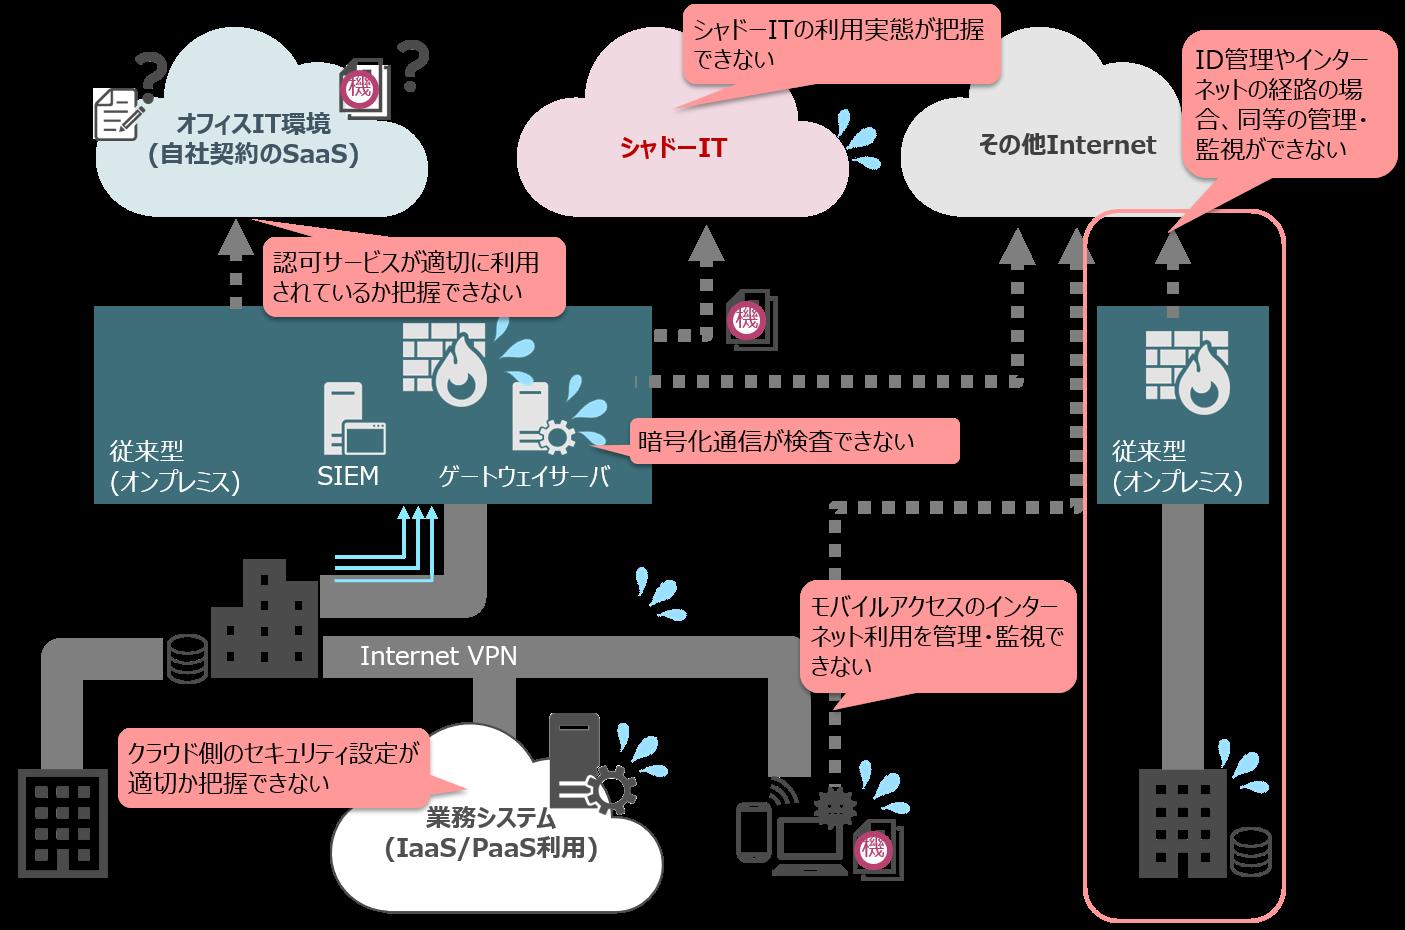 図2_一般企業のクラウドサービスやモバイル利用におけるセキュリティリスク(一例)